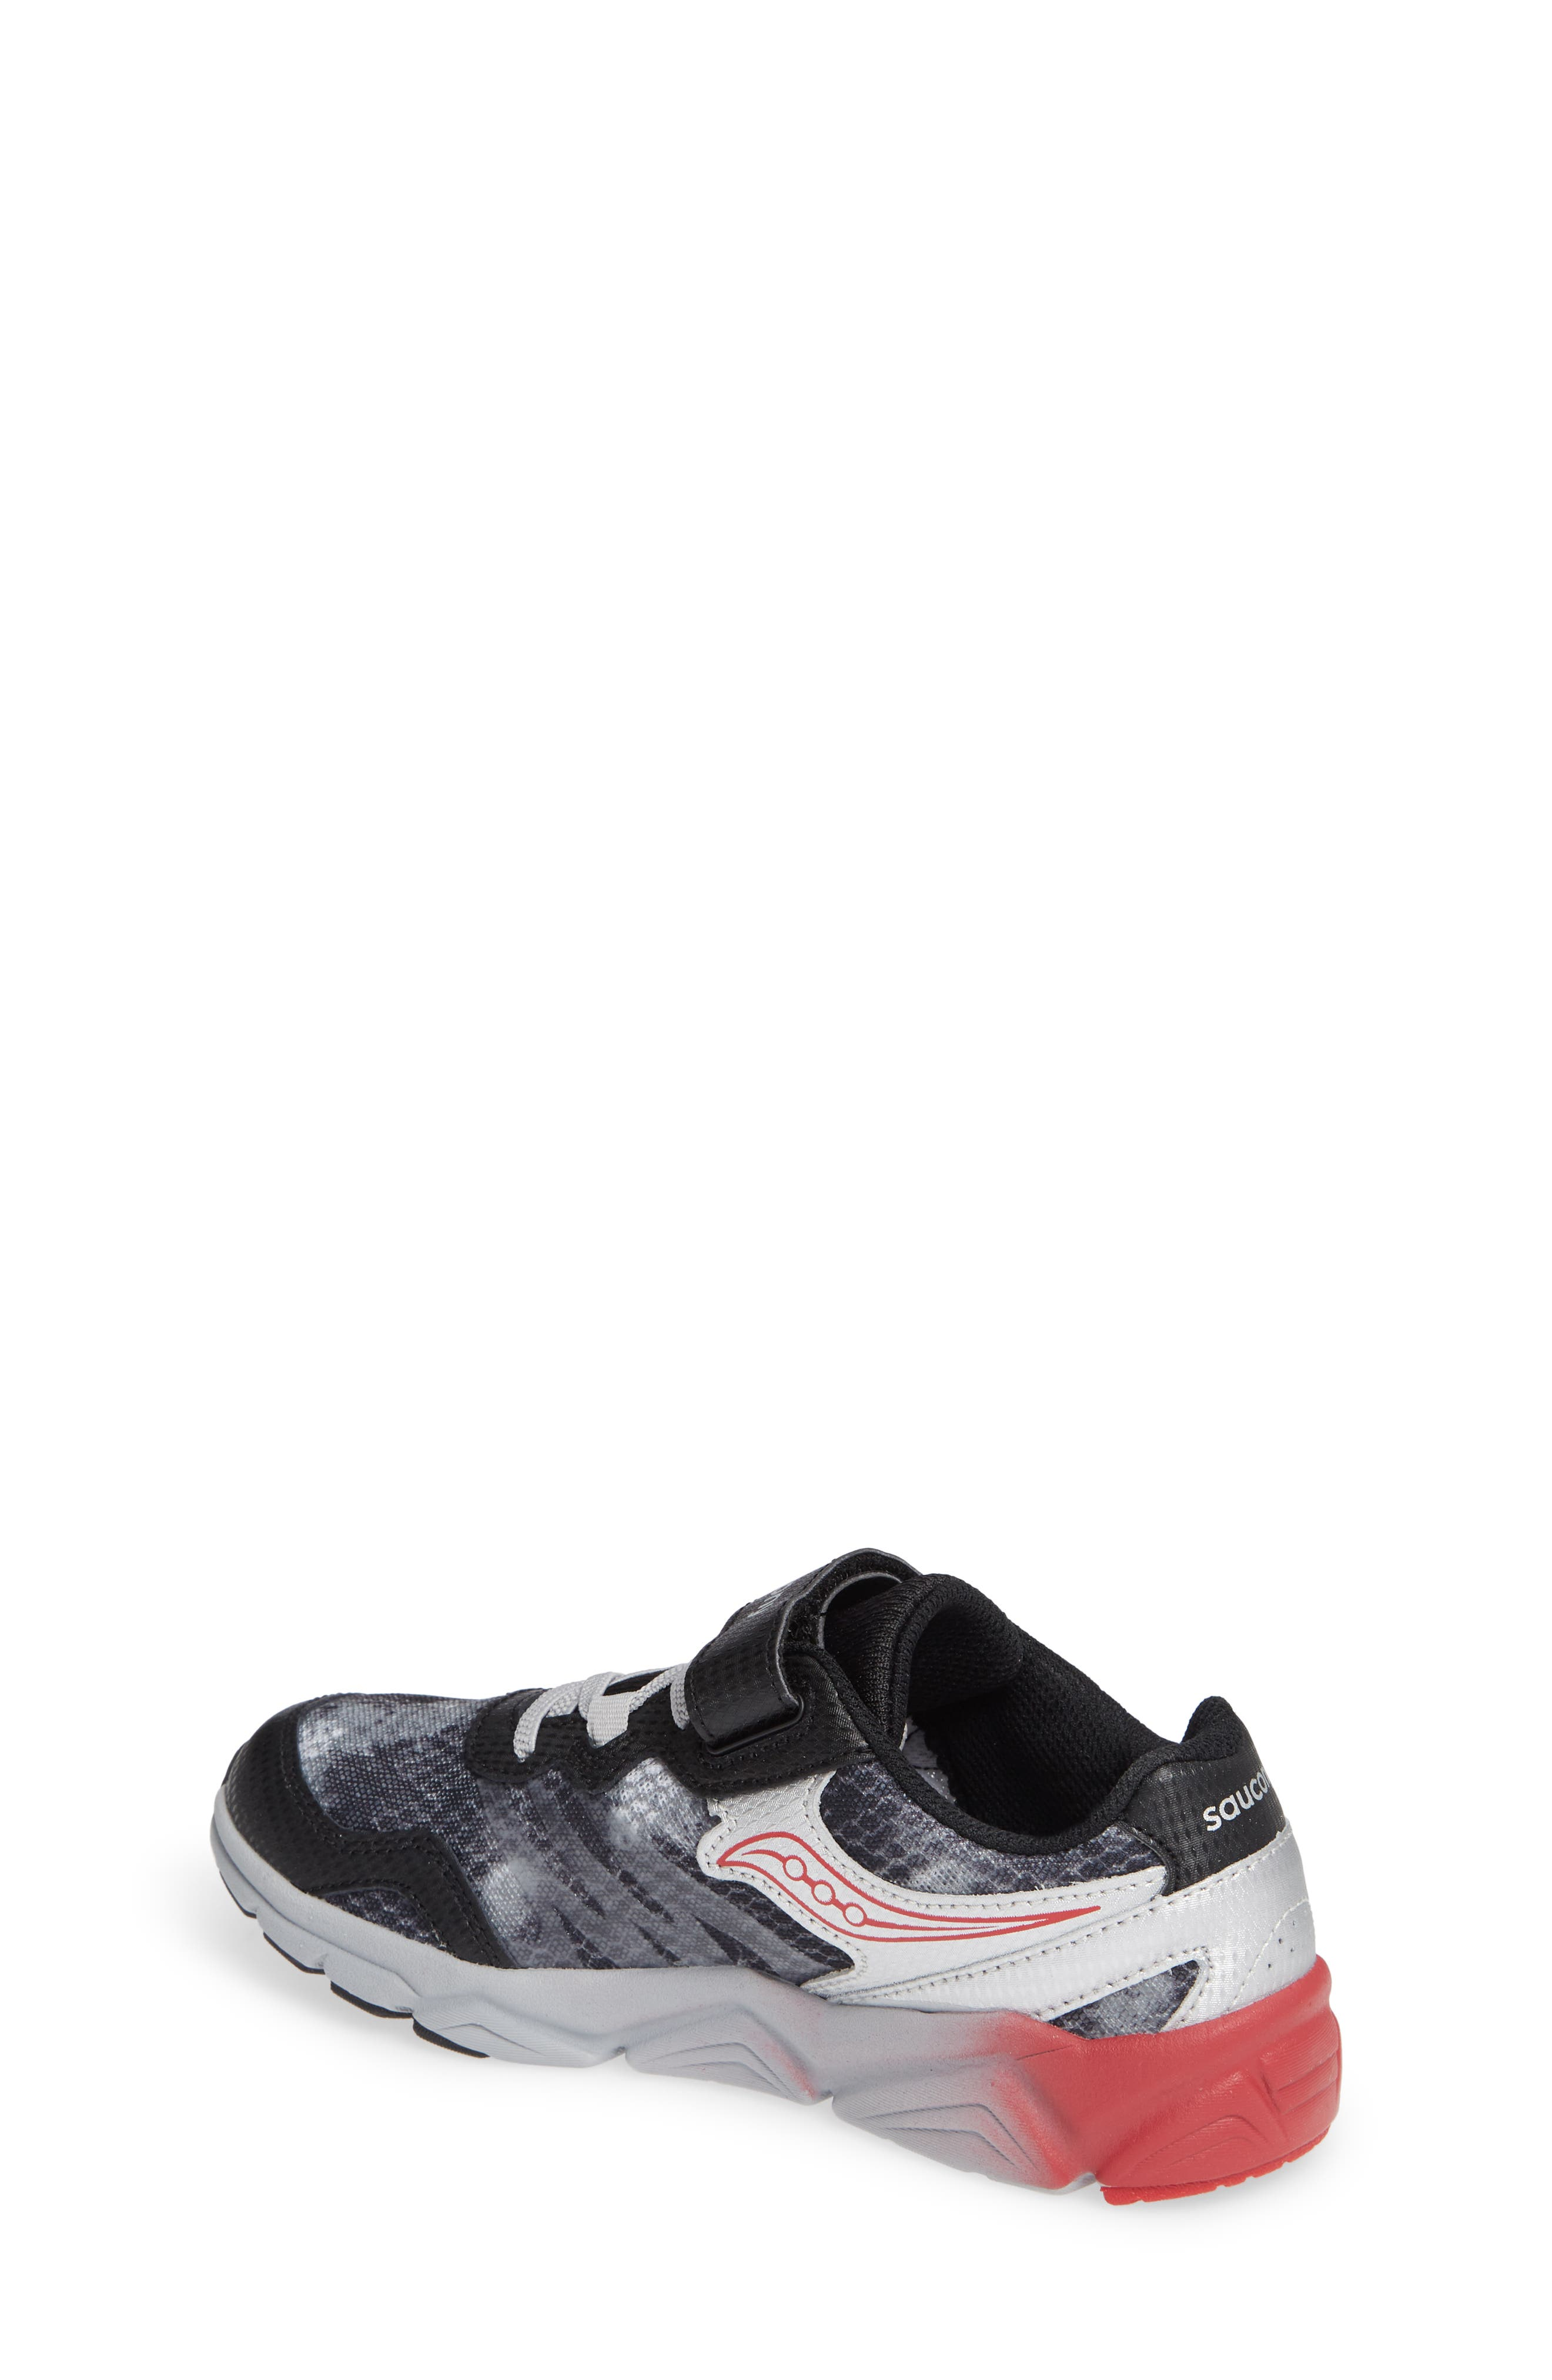 Kotaro Flash Sneaker,                             Alternate thumbnail 2, color,                             BLACK LEATHER/ MESH